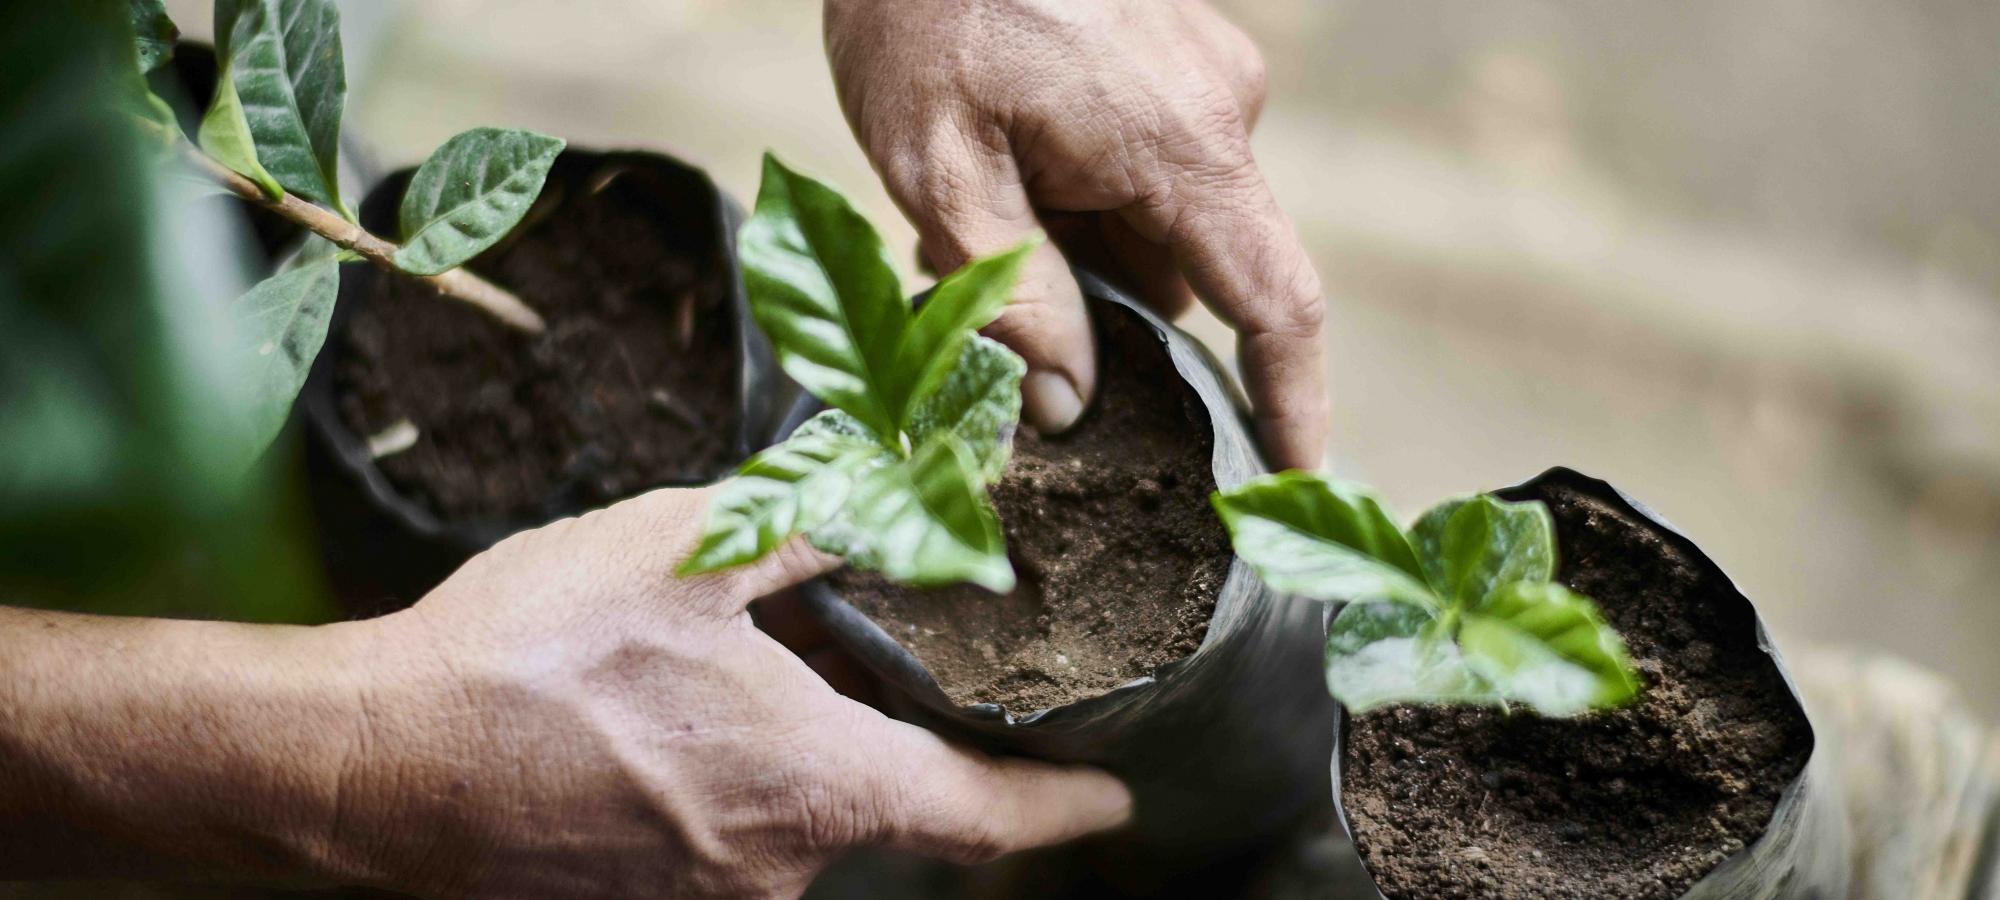 Kahvipensaan istuttaminen on ilmastoystävällinen teko.